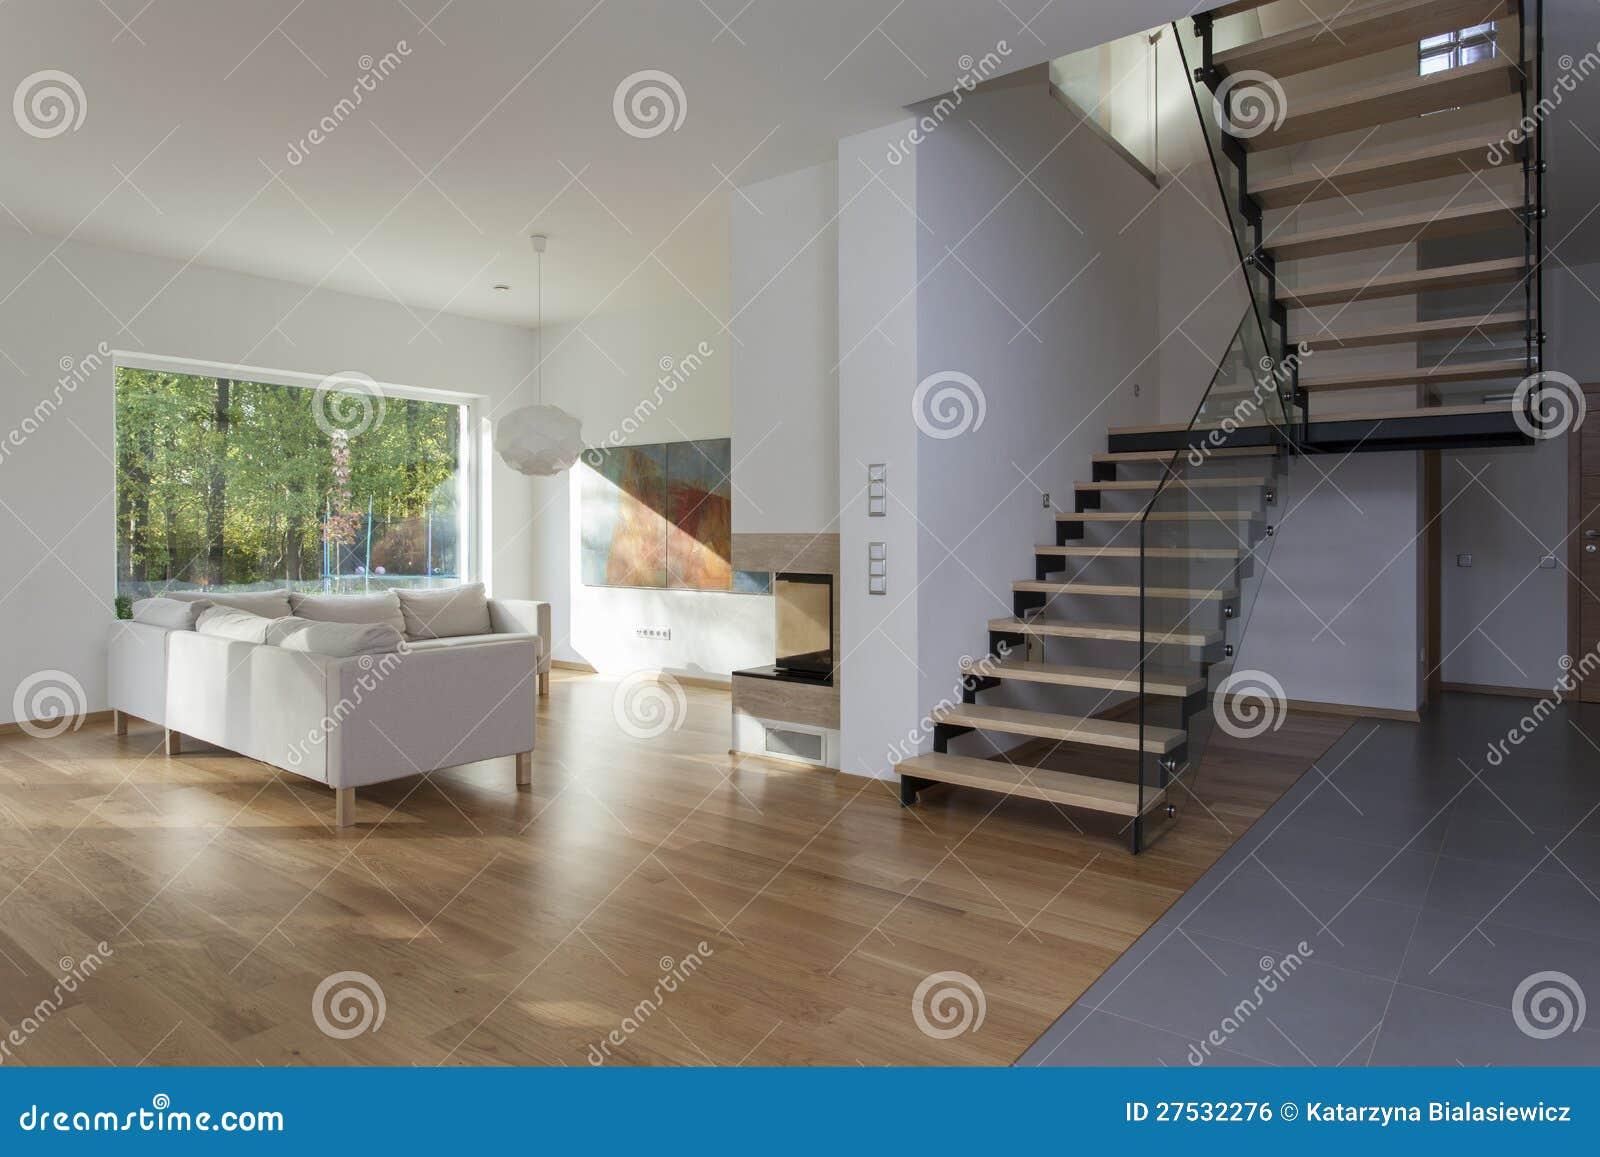 treppe im wohnzimmer in der zeitgenössischen villa stockfoto